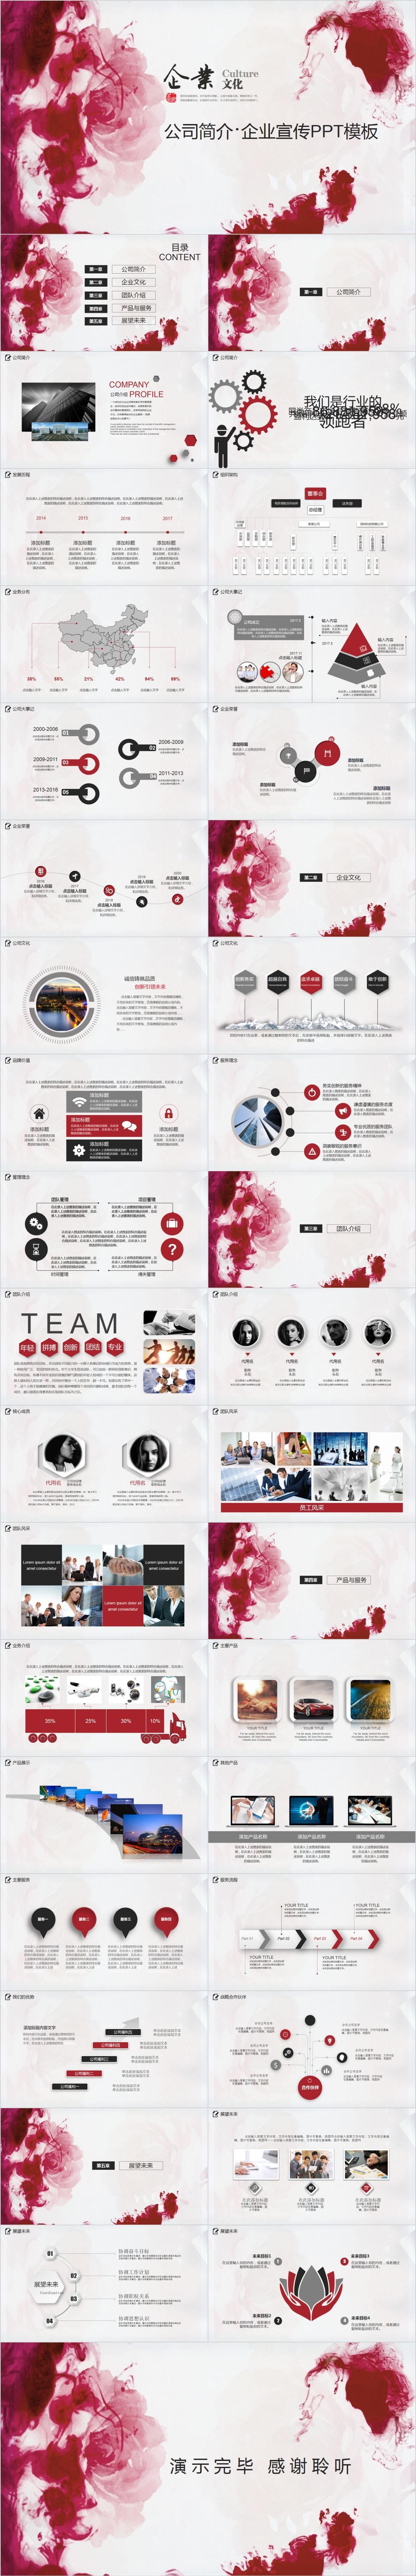 MD0034 企业文化宣传PPT模板